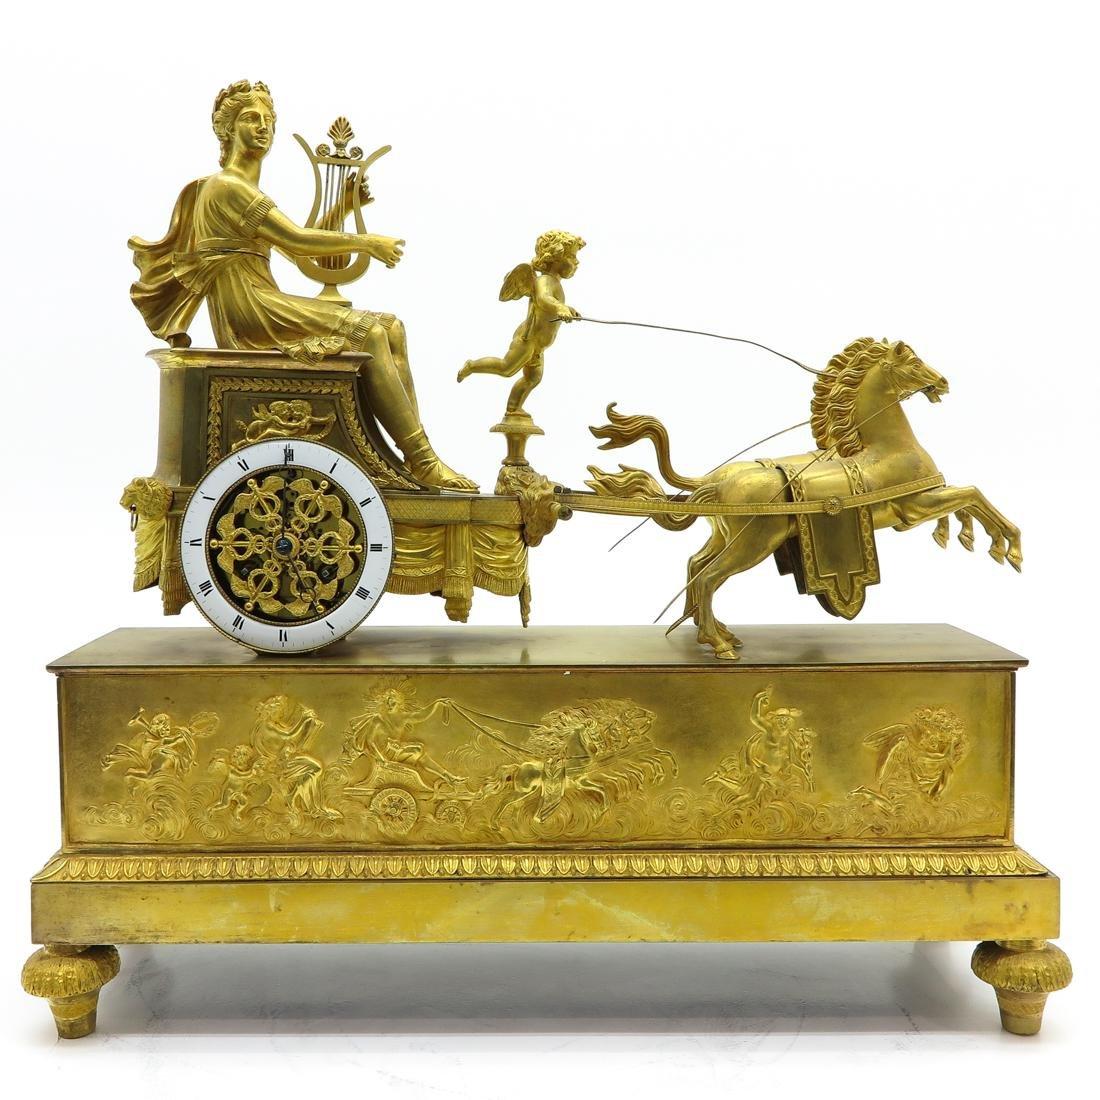 A Fine French Pendule Circa 1790